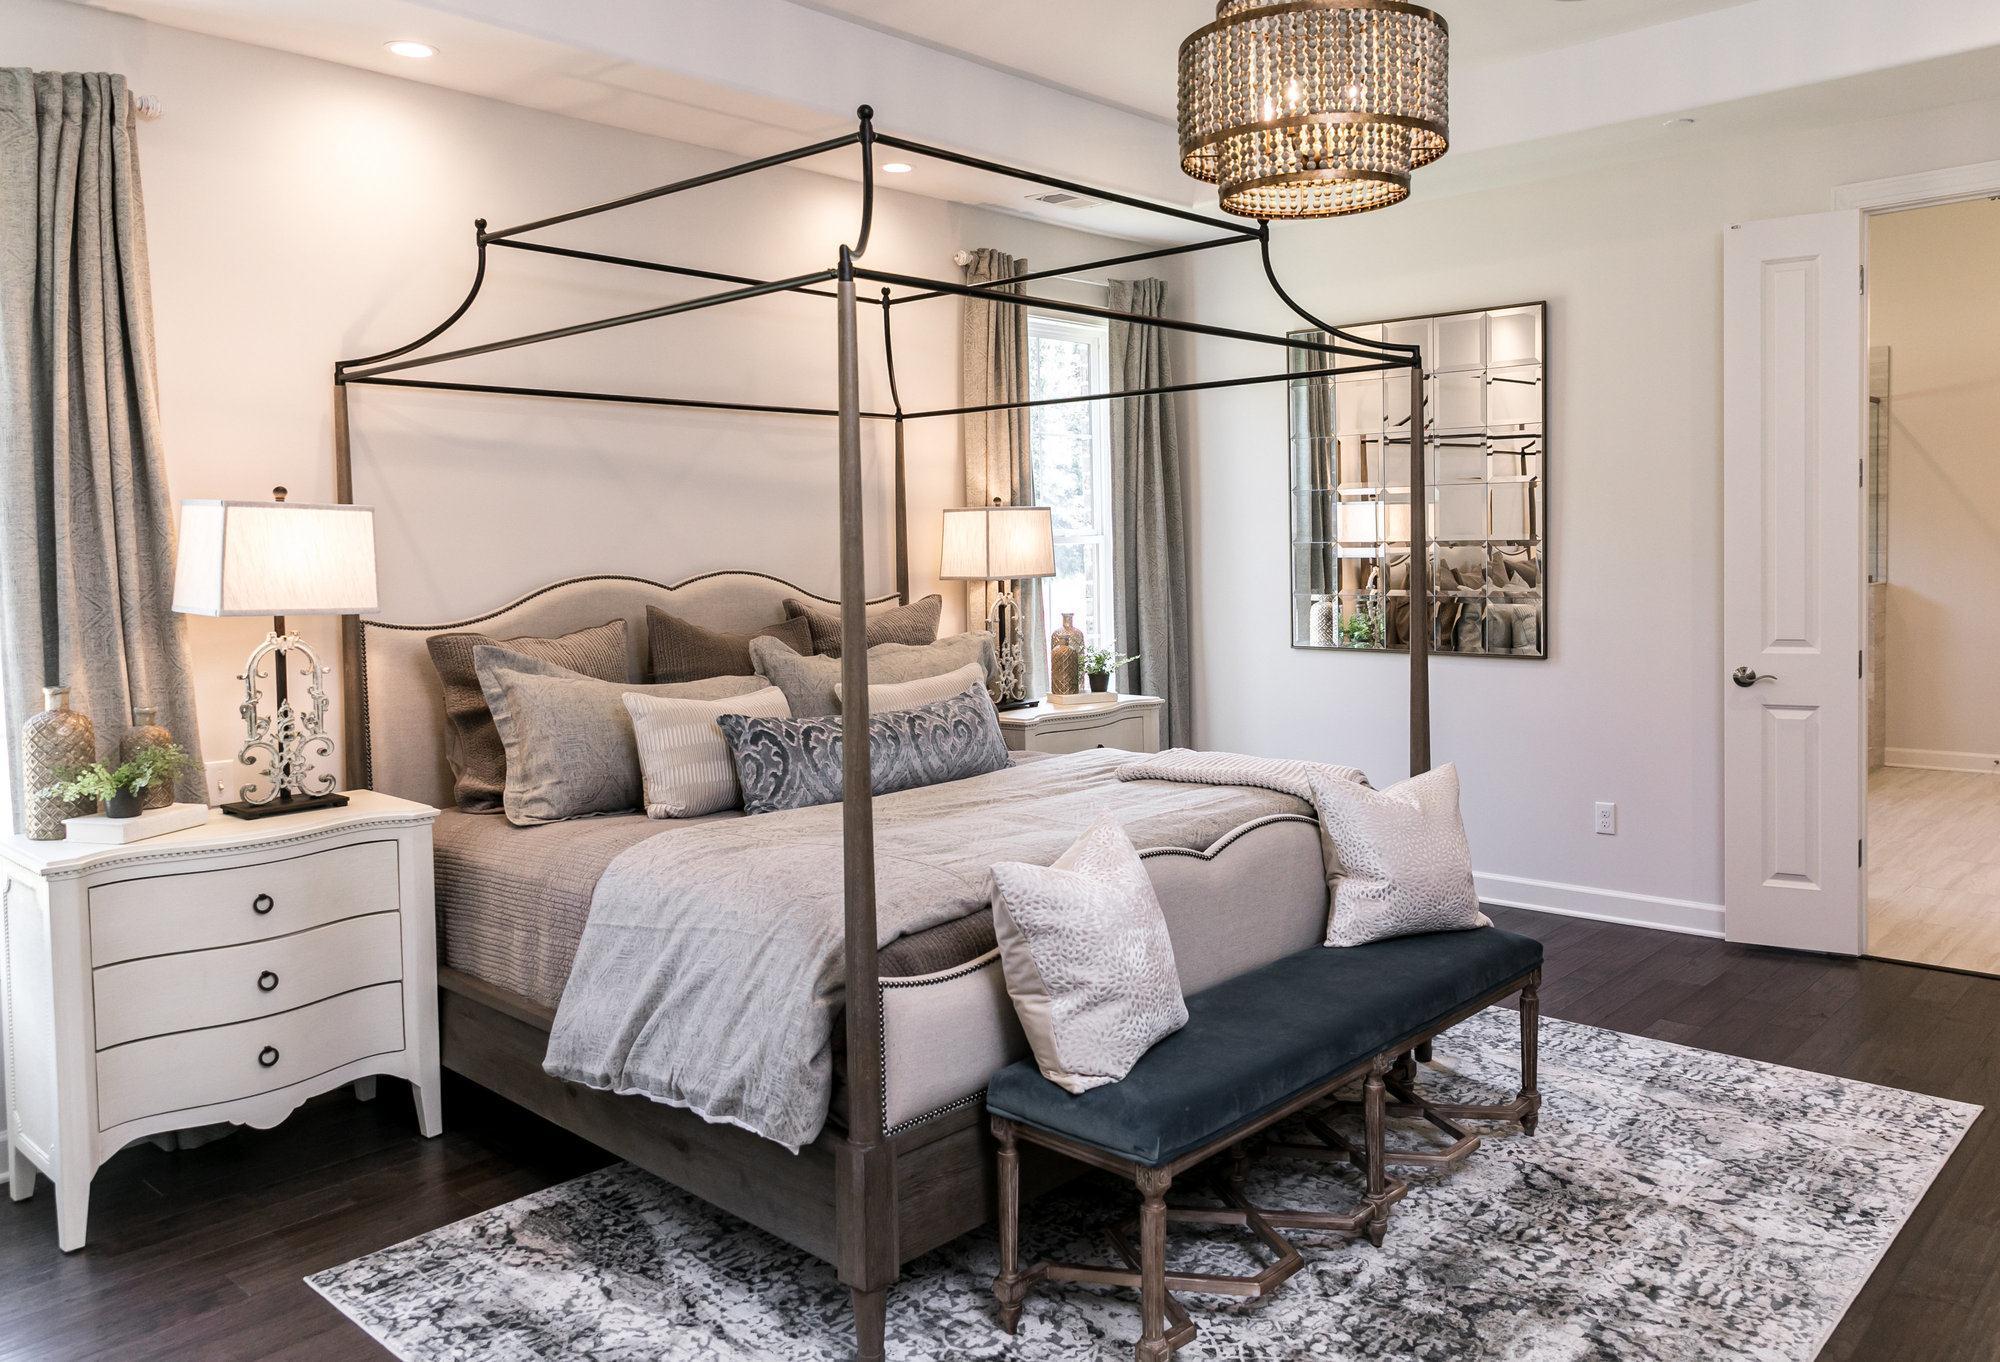 Bedroom featured in the Stonebridge By Regency Homebuilders in Memphis, TN